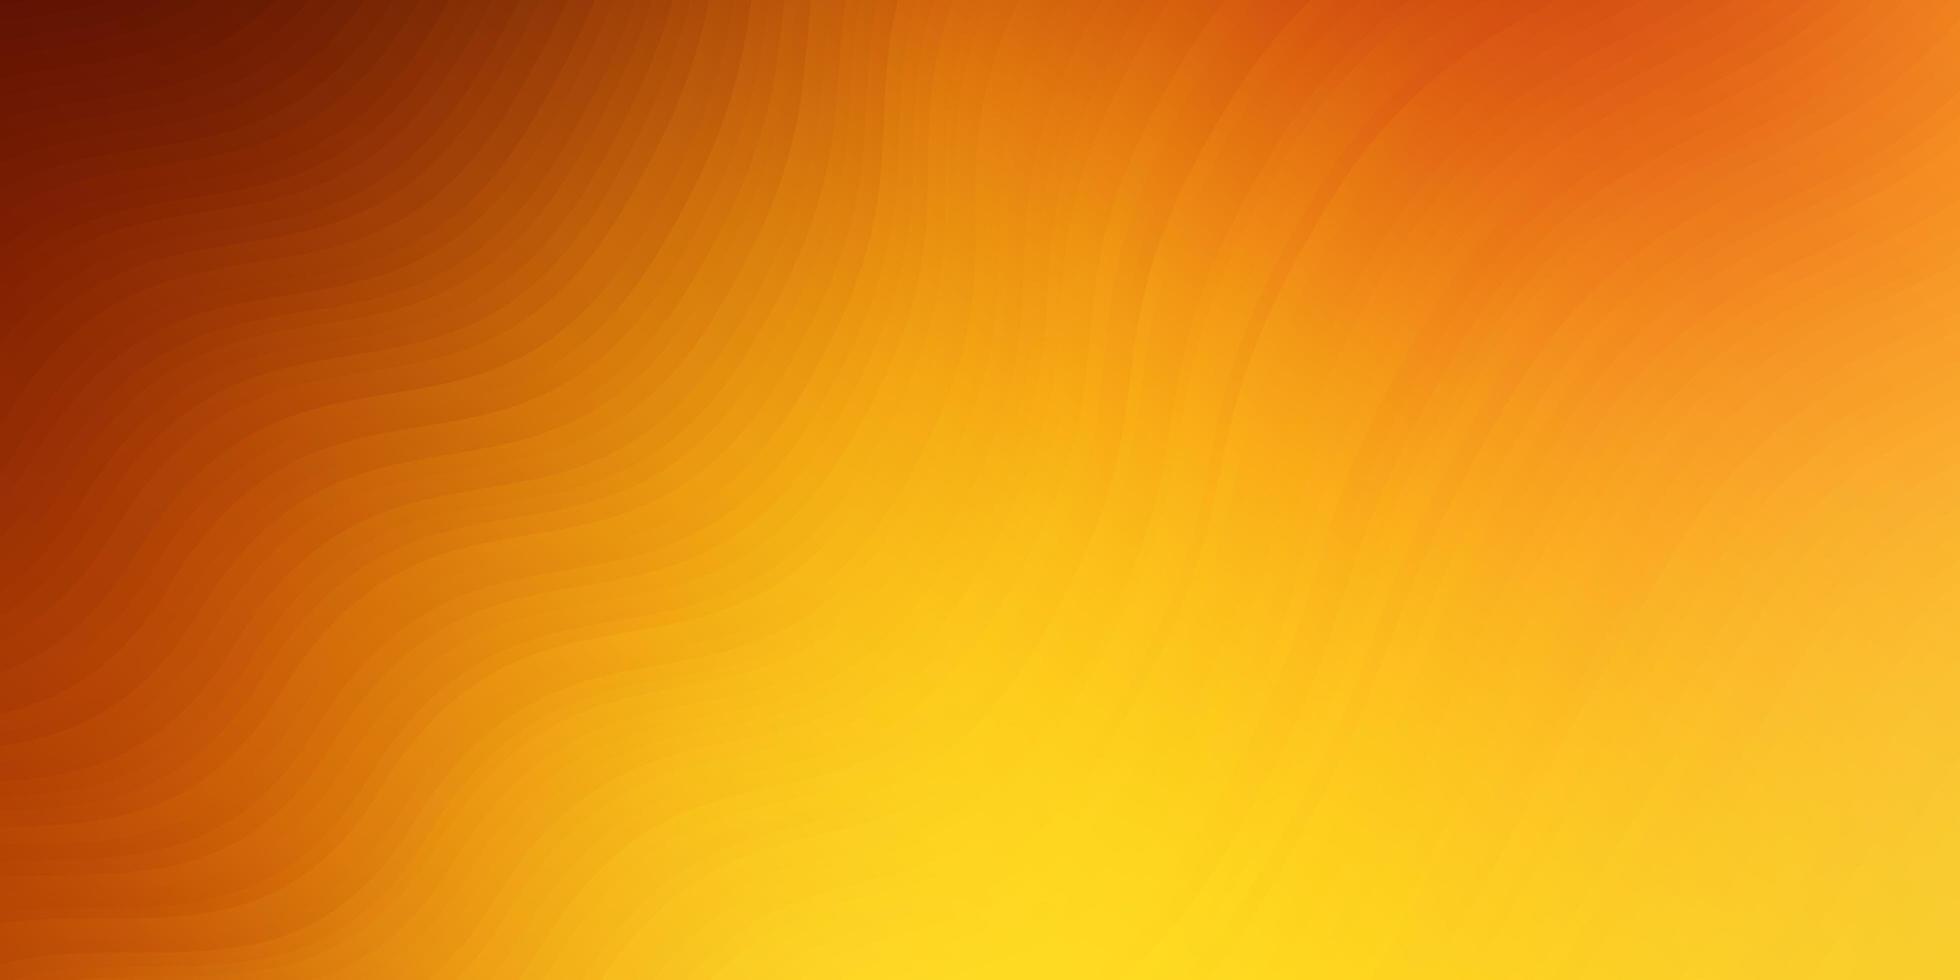 hellorange Vektorschablone mit trockenen Linien. vektor